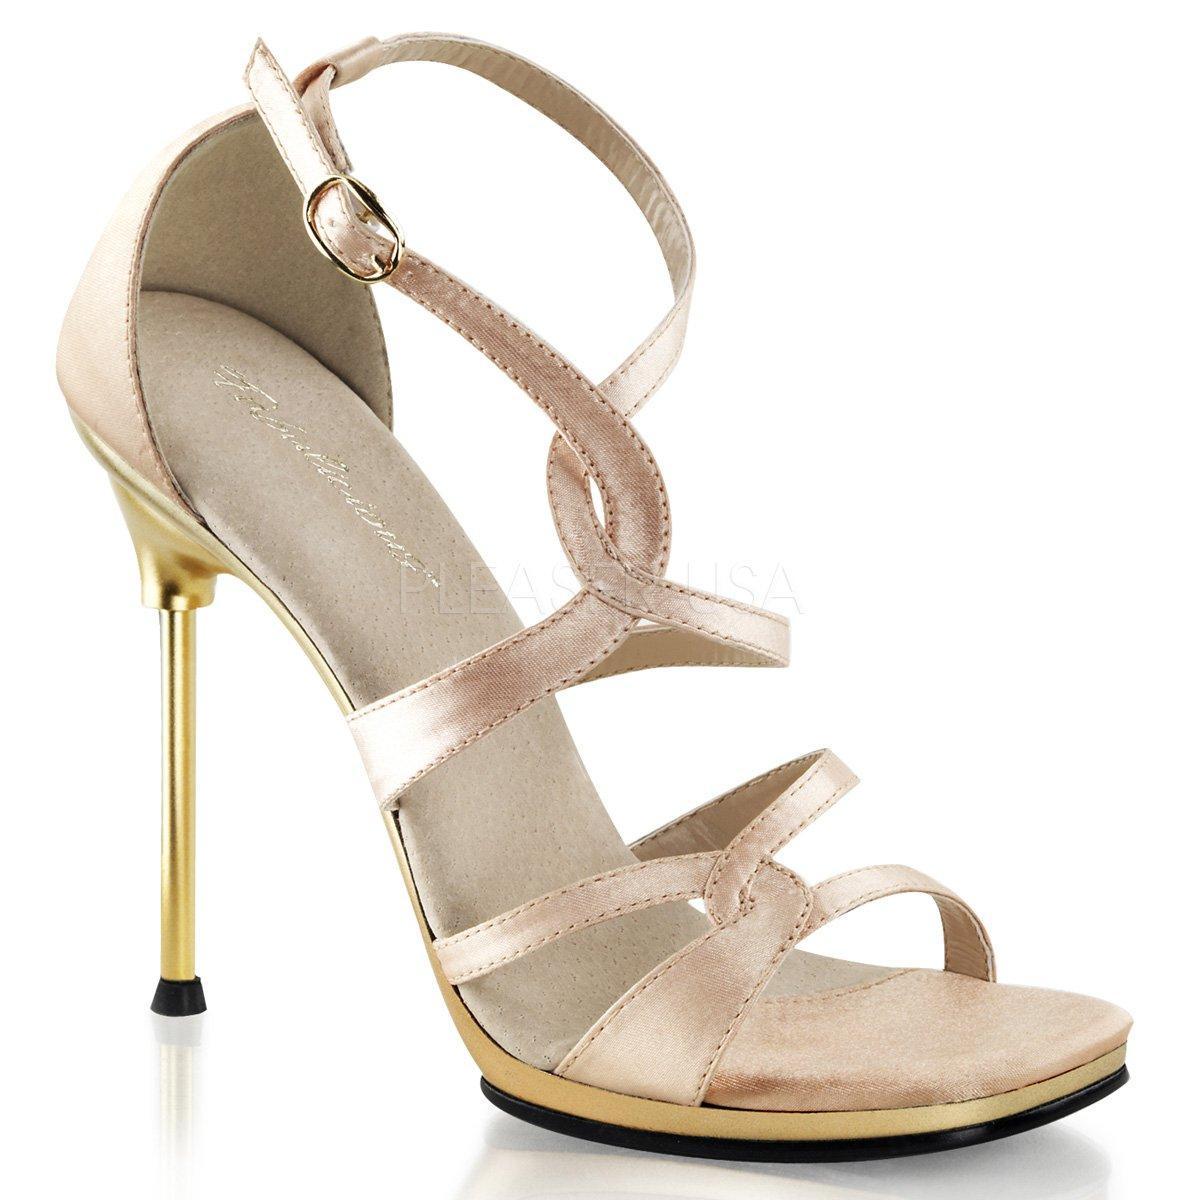 fe4cebd2ceec CHIC-46 Zlaté páskové společenské sandálky s uzavřenou patou na jehlách